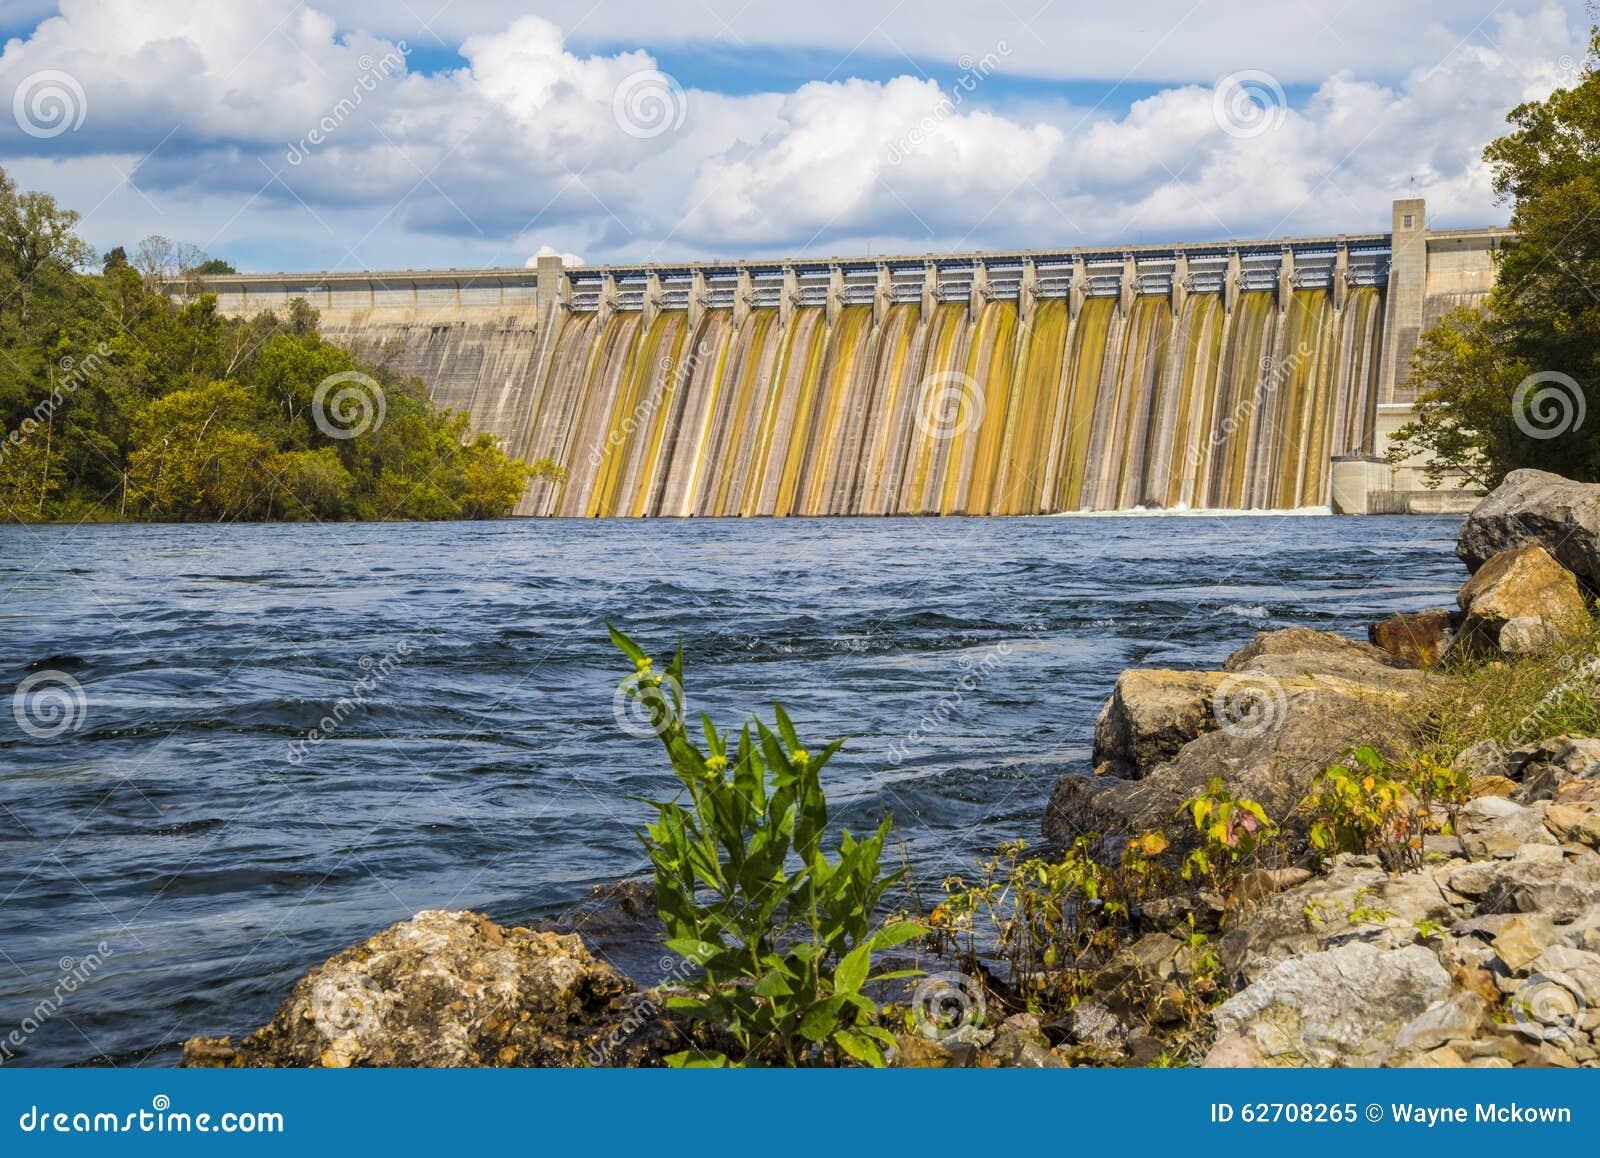 Barrage de bancs de Taureau